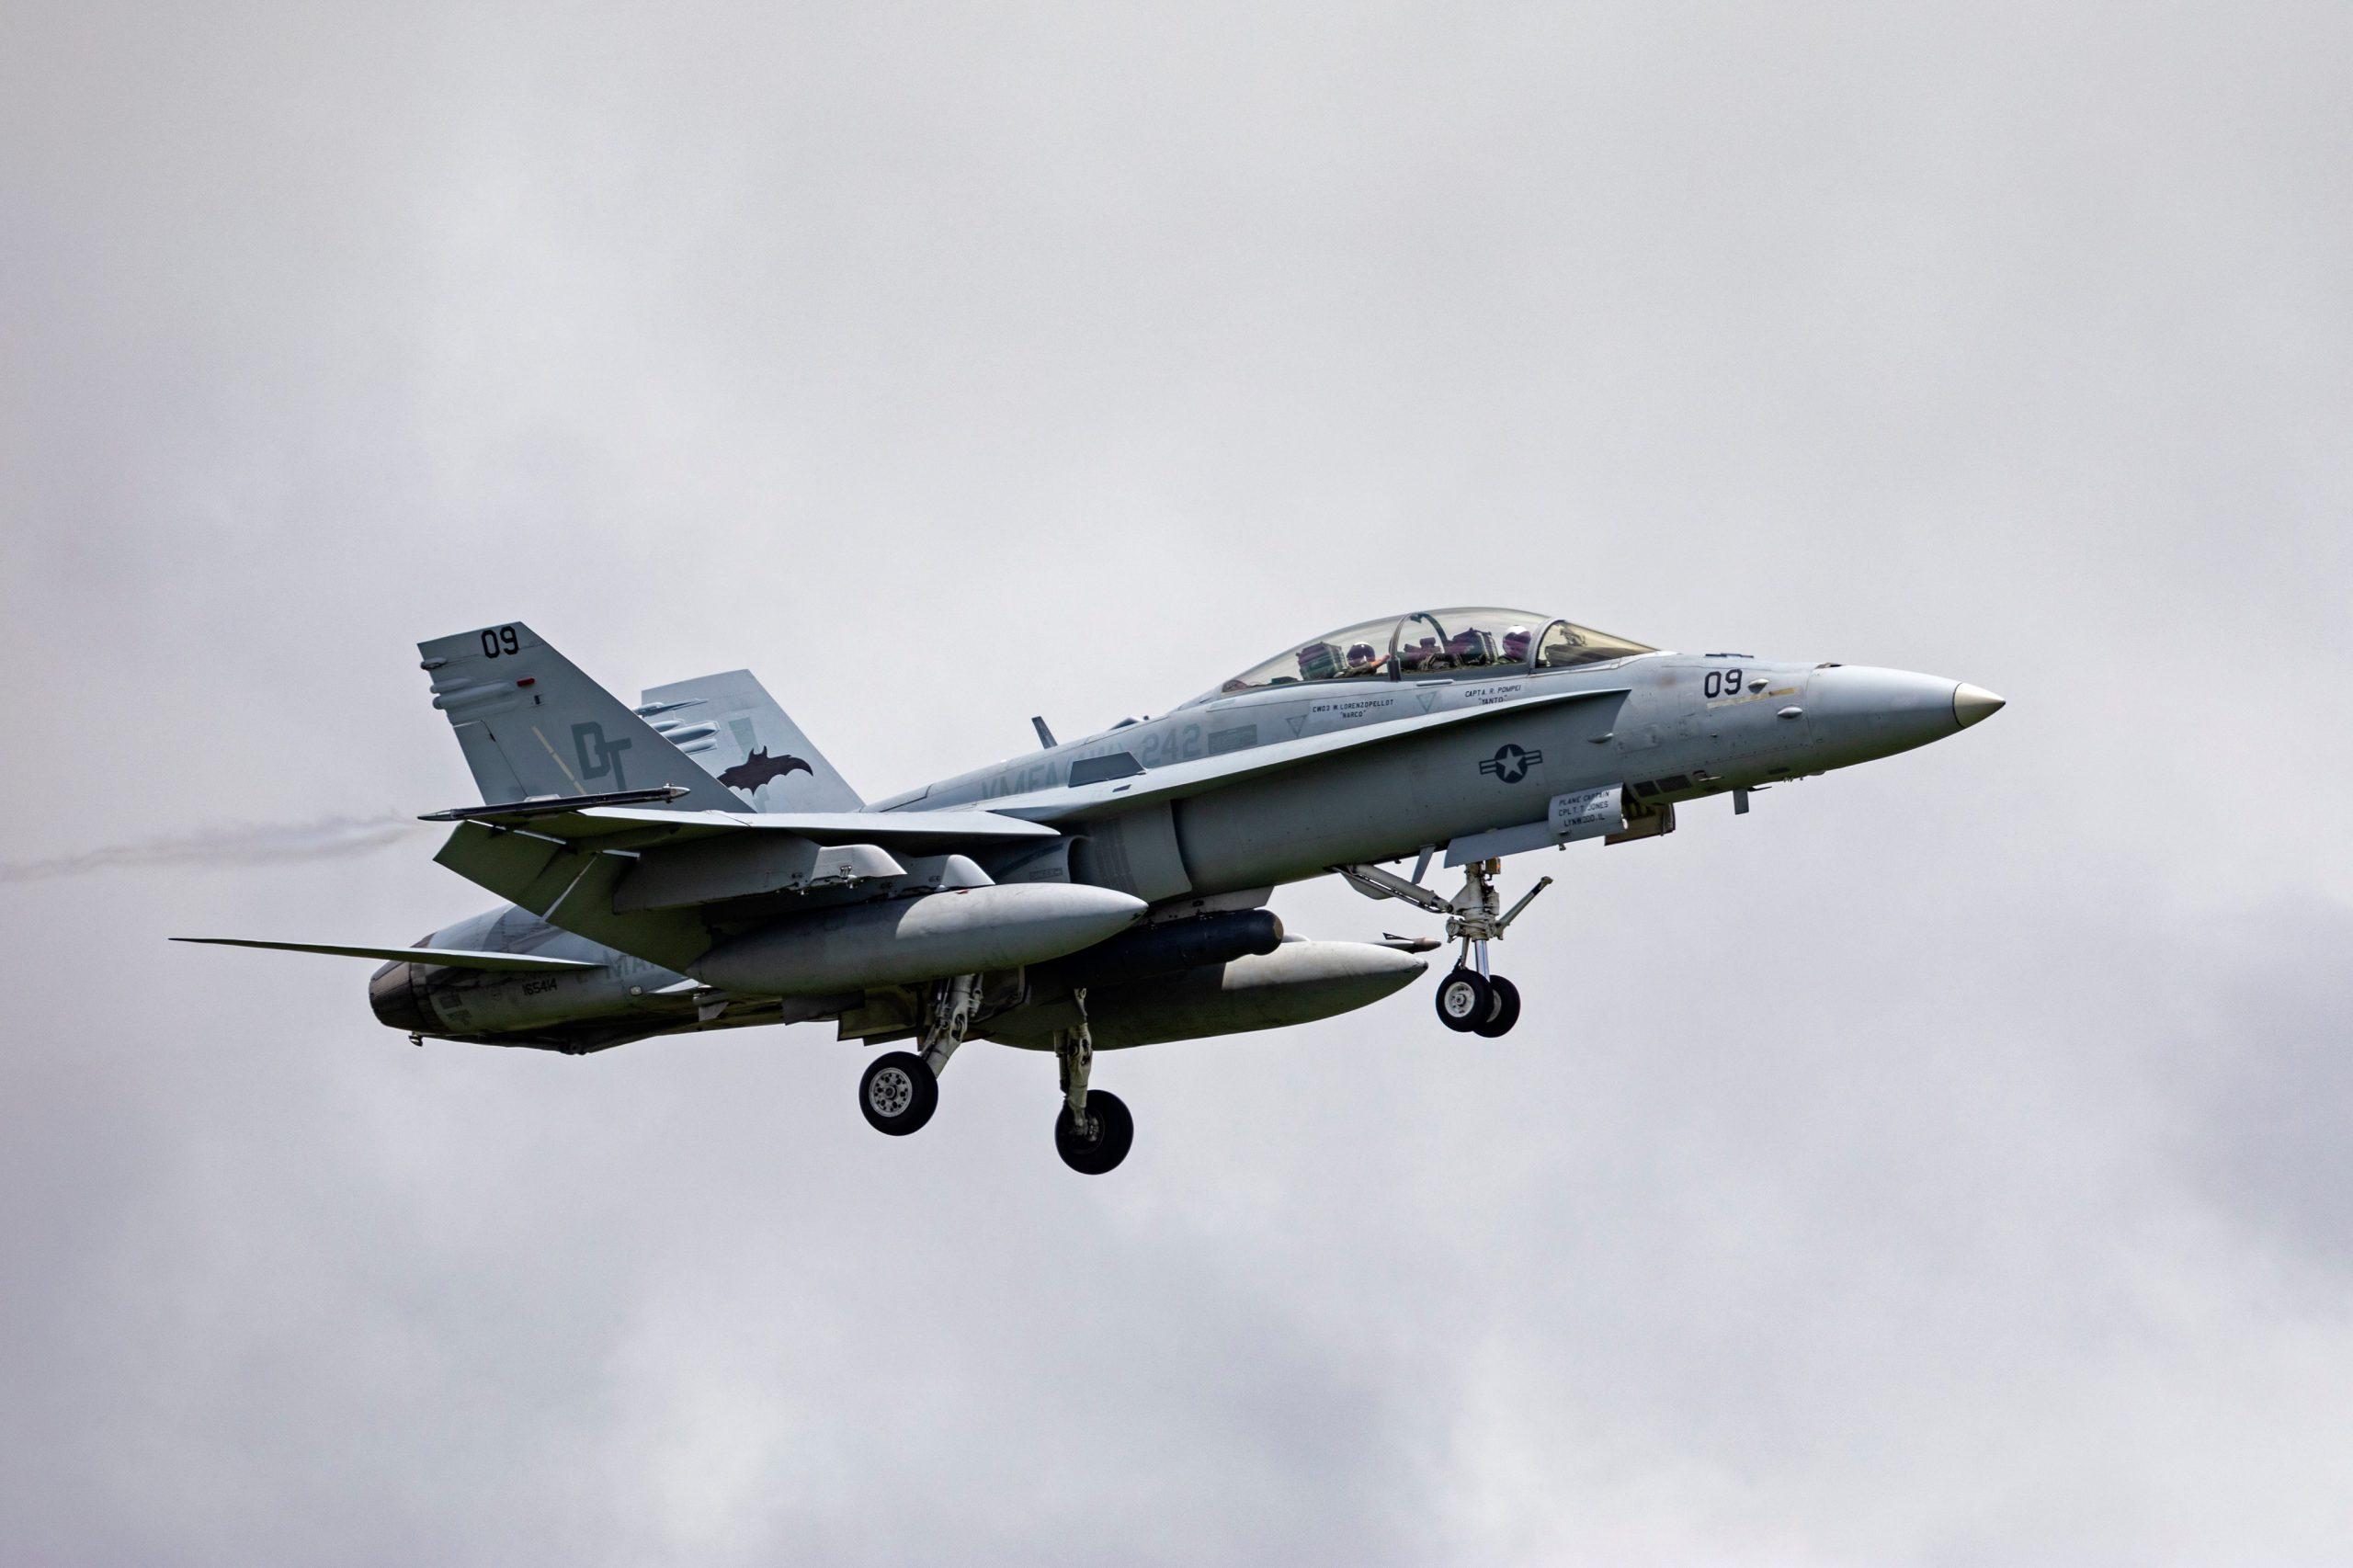 日食見てたら戦闘機? 米軍機が低空飛行 岩国基地へ帰還の機体か ...